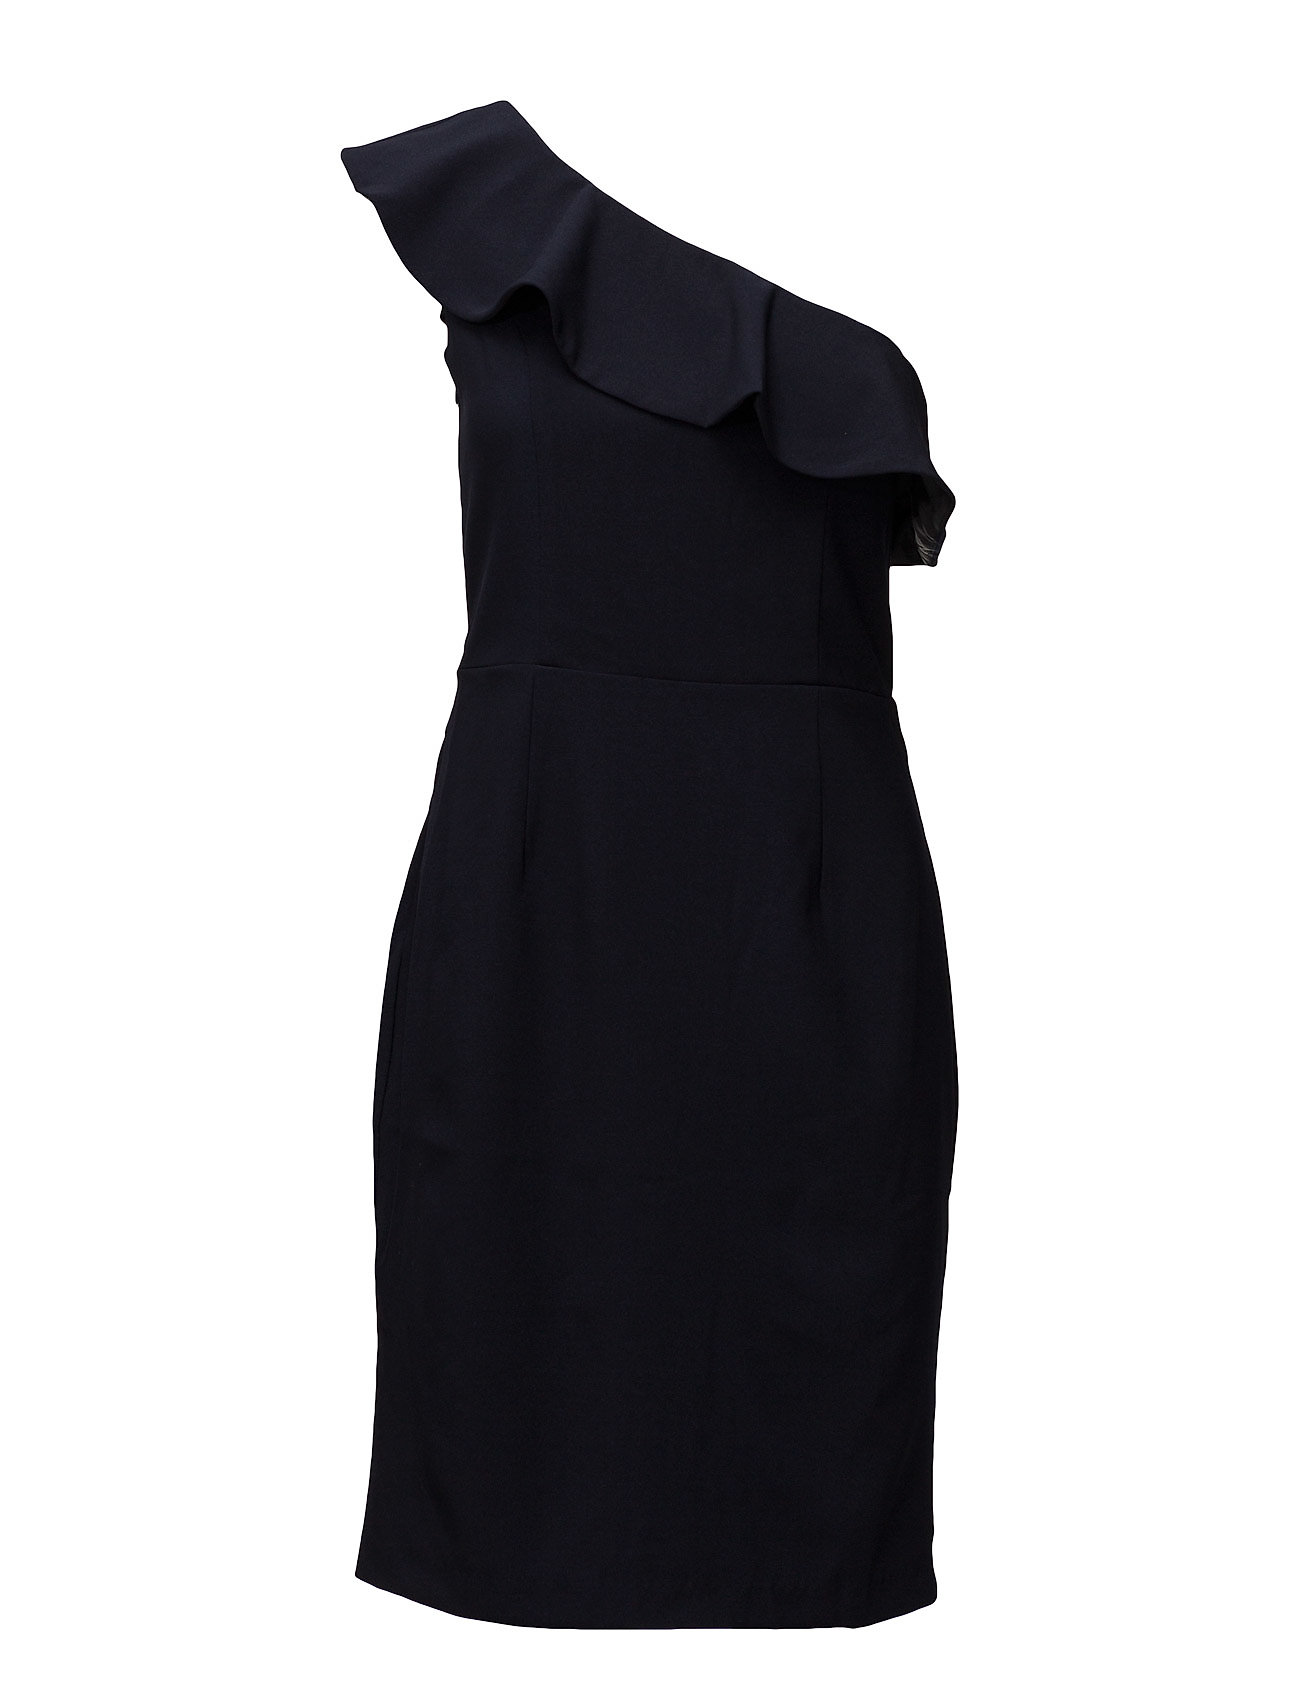 Tulip Dress By Malina Korte kjoler til Damer i Nattehimmel